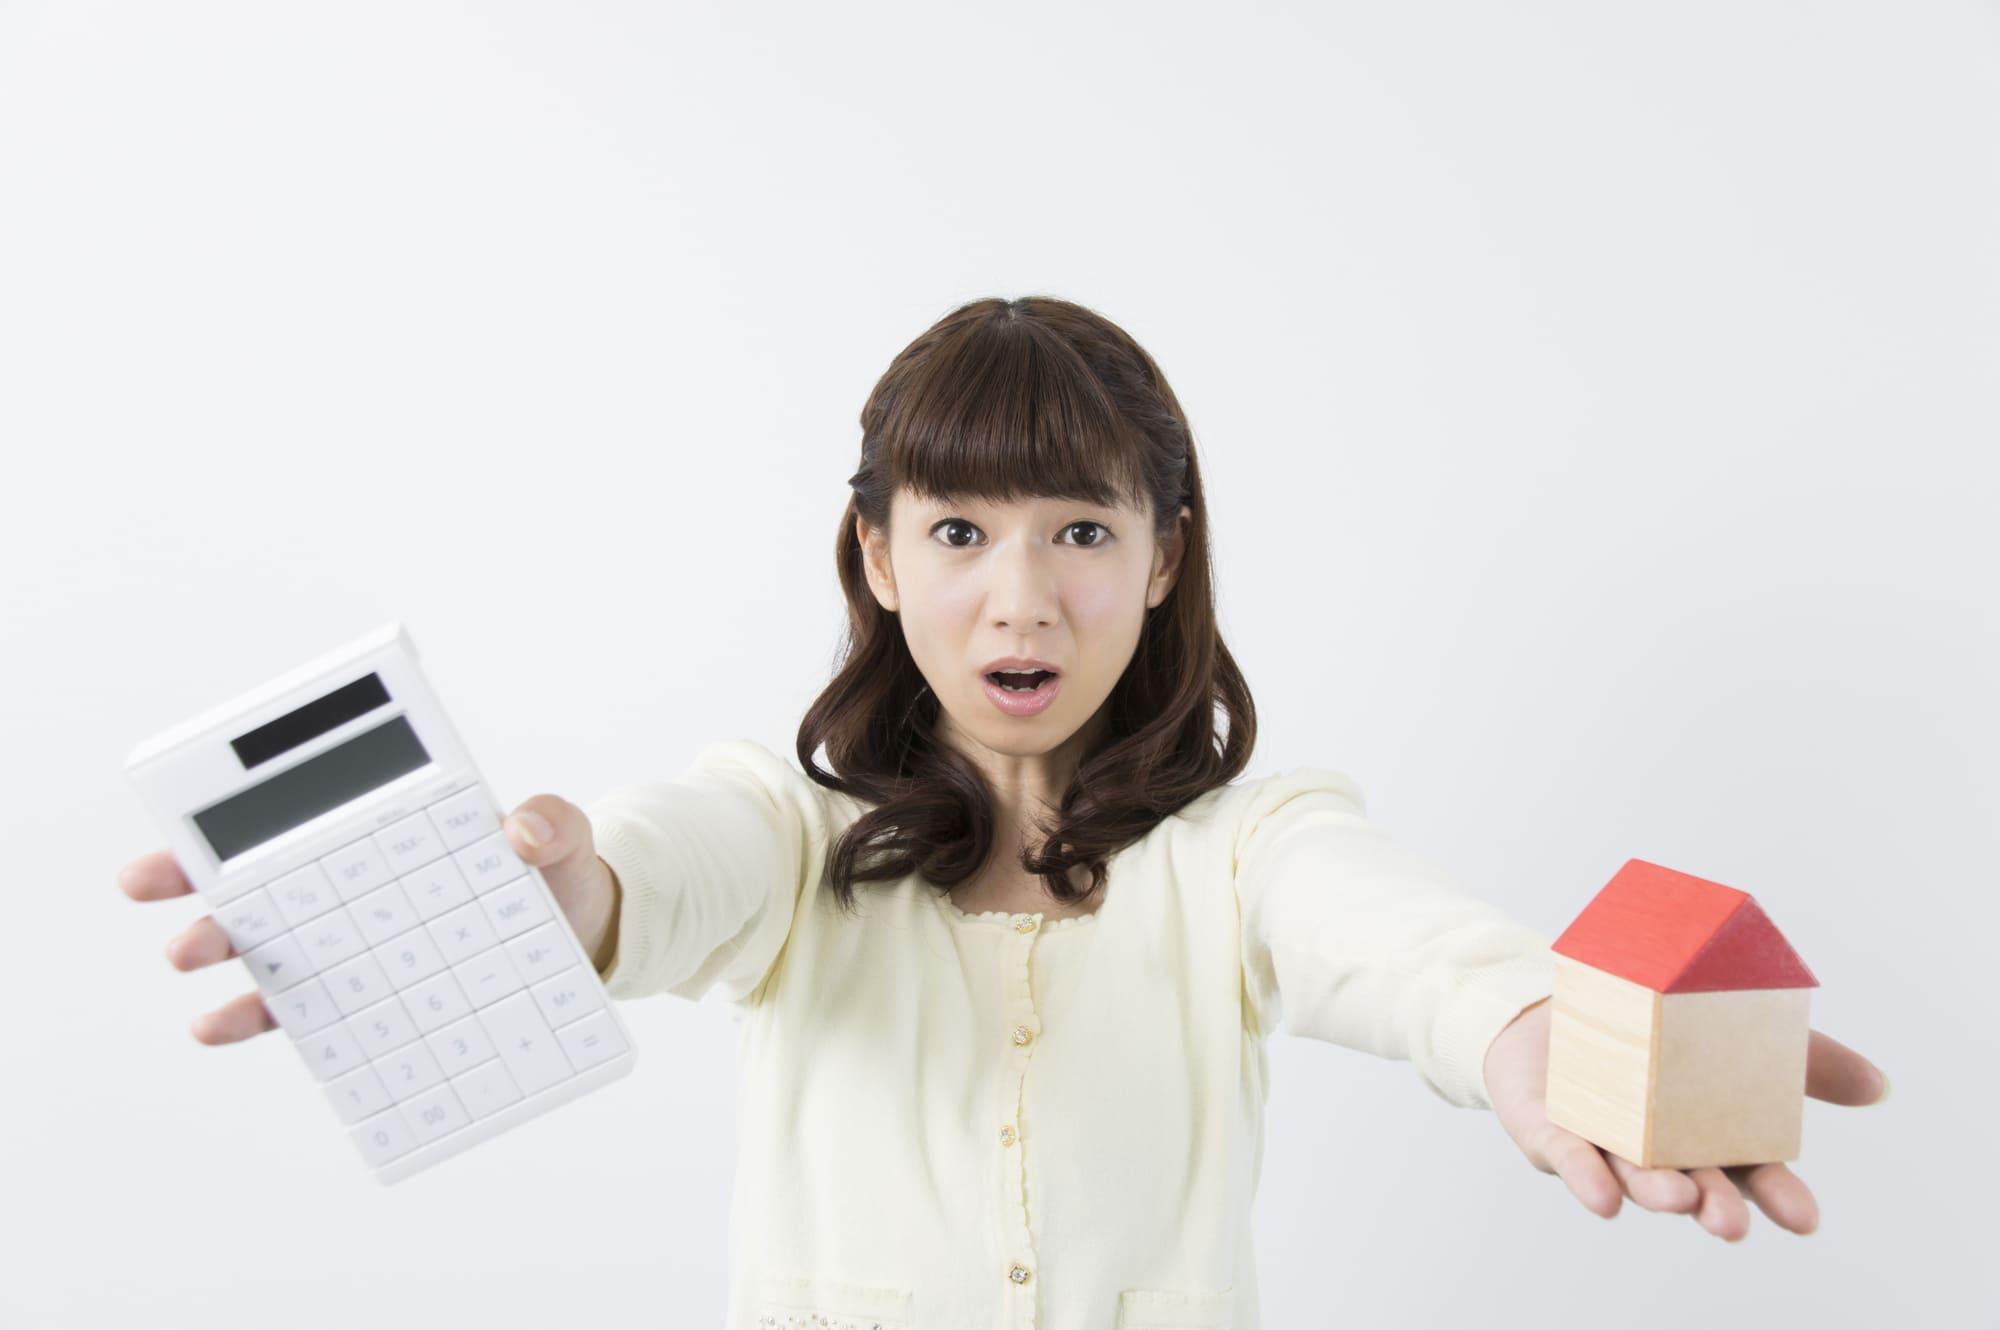 家電の電気代を計算する女性